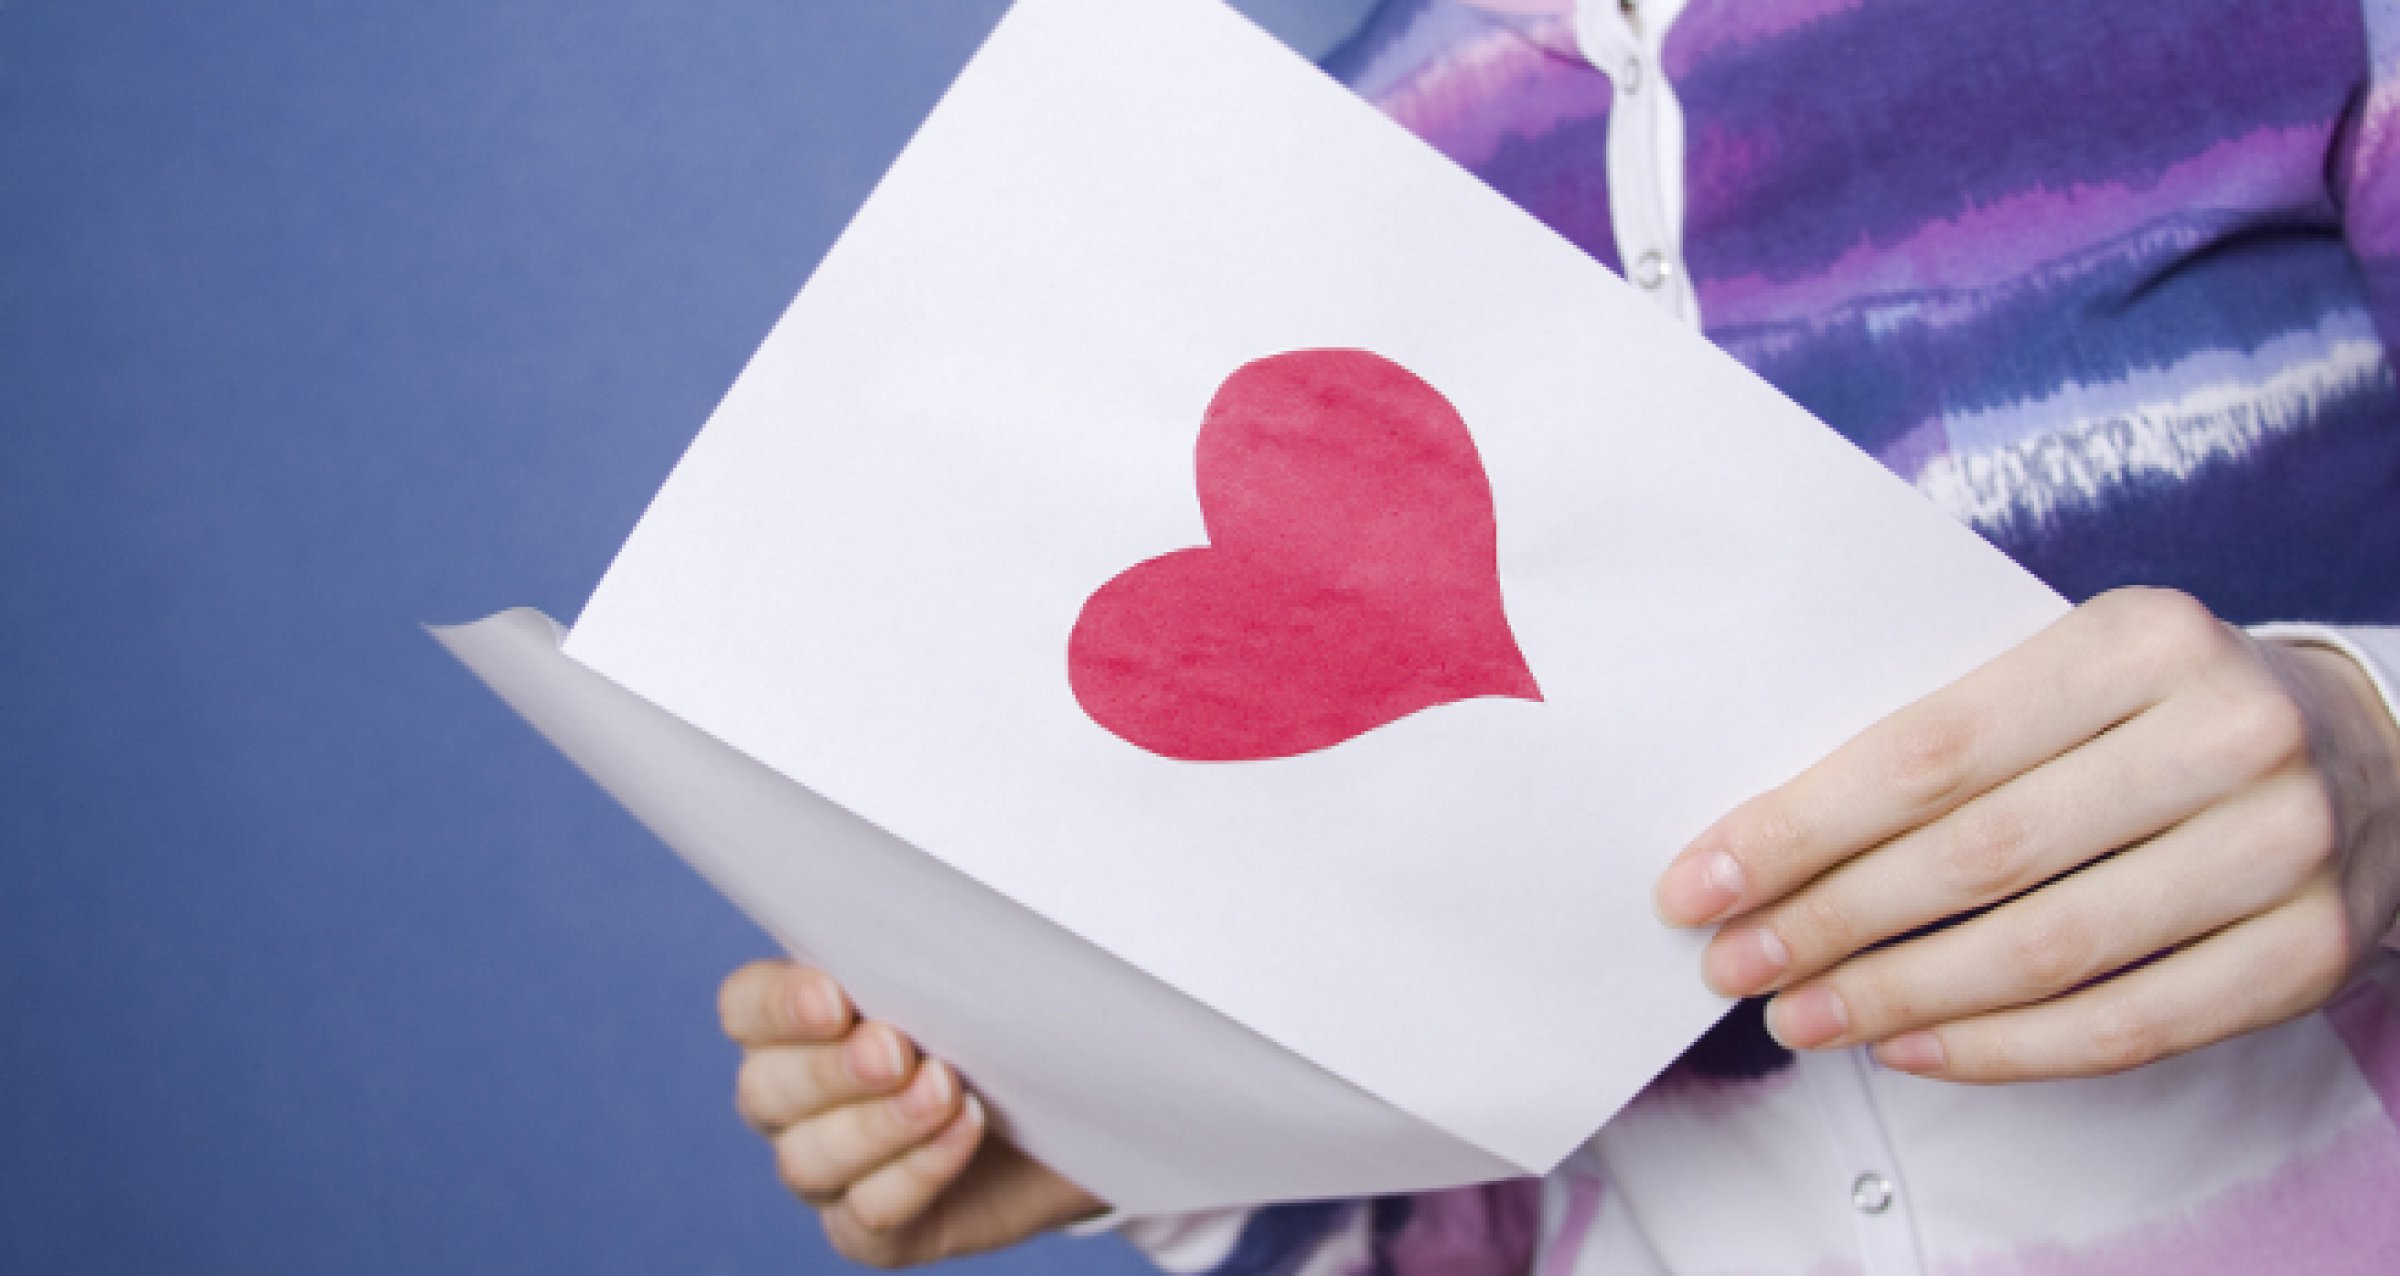 125 лучших идей как сделать красивую открытку своими руками с фото 79